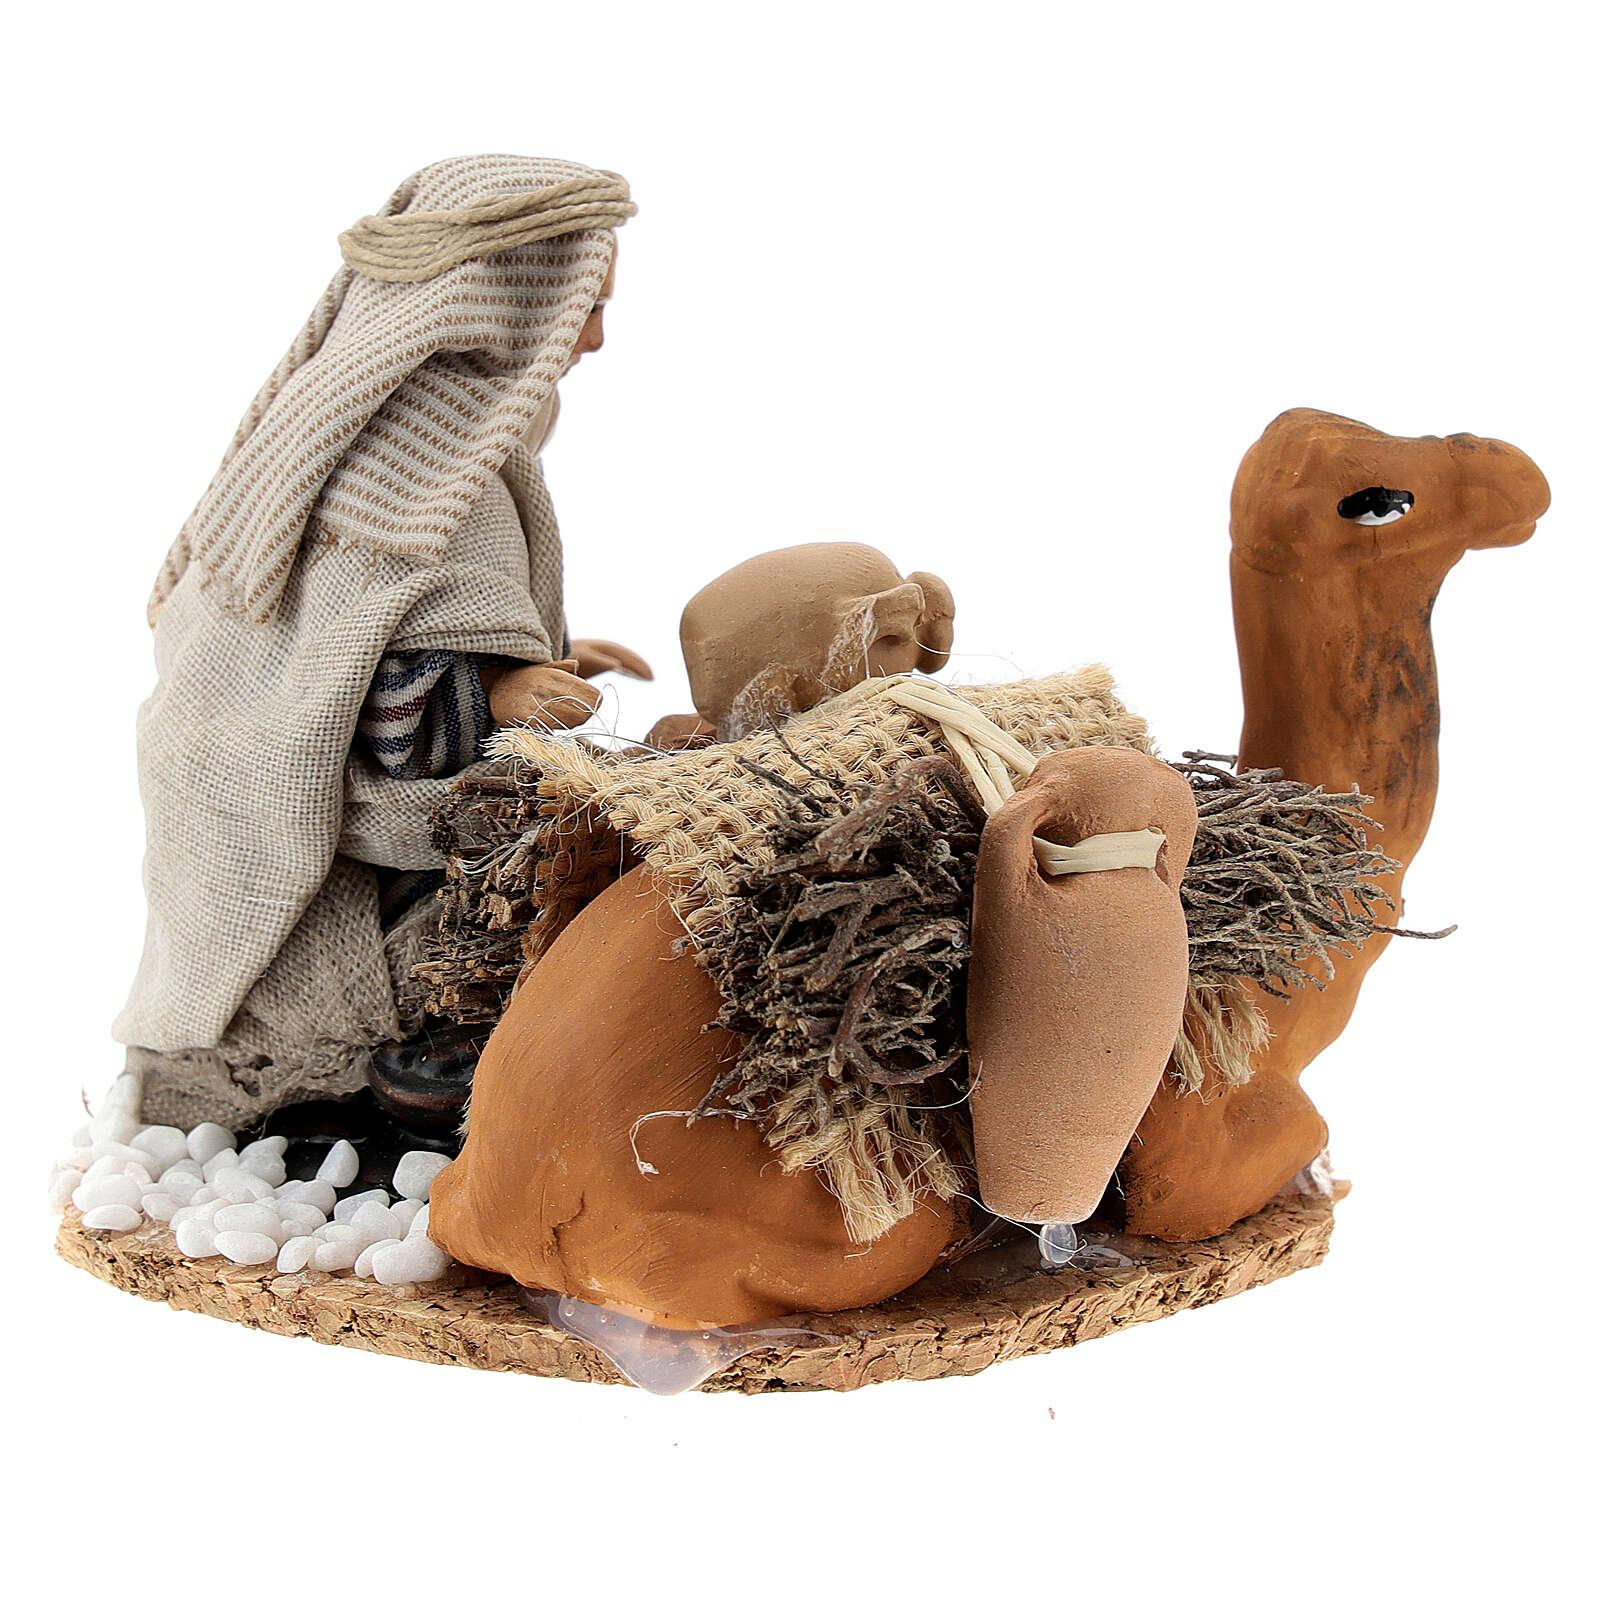 Arabo carica anfore cammello terracotta presepe napoletano 8 cm 4